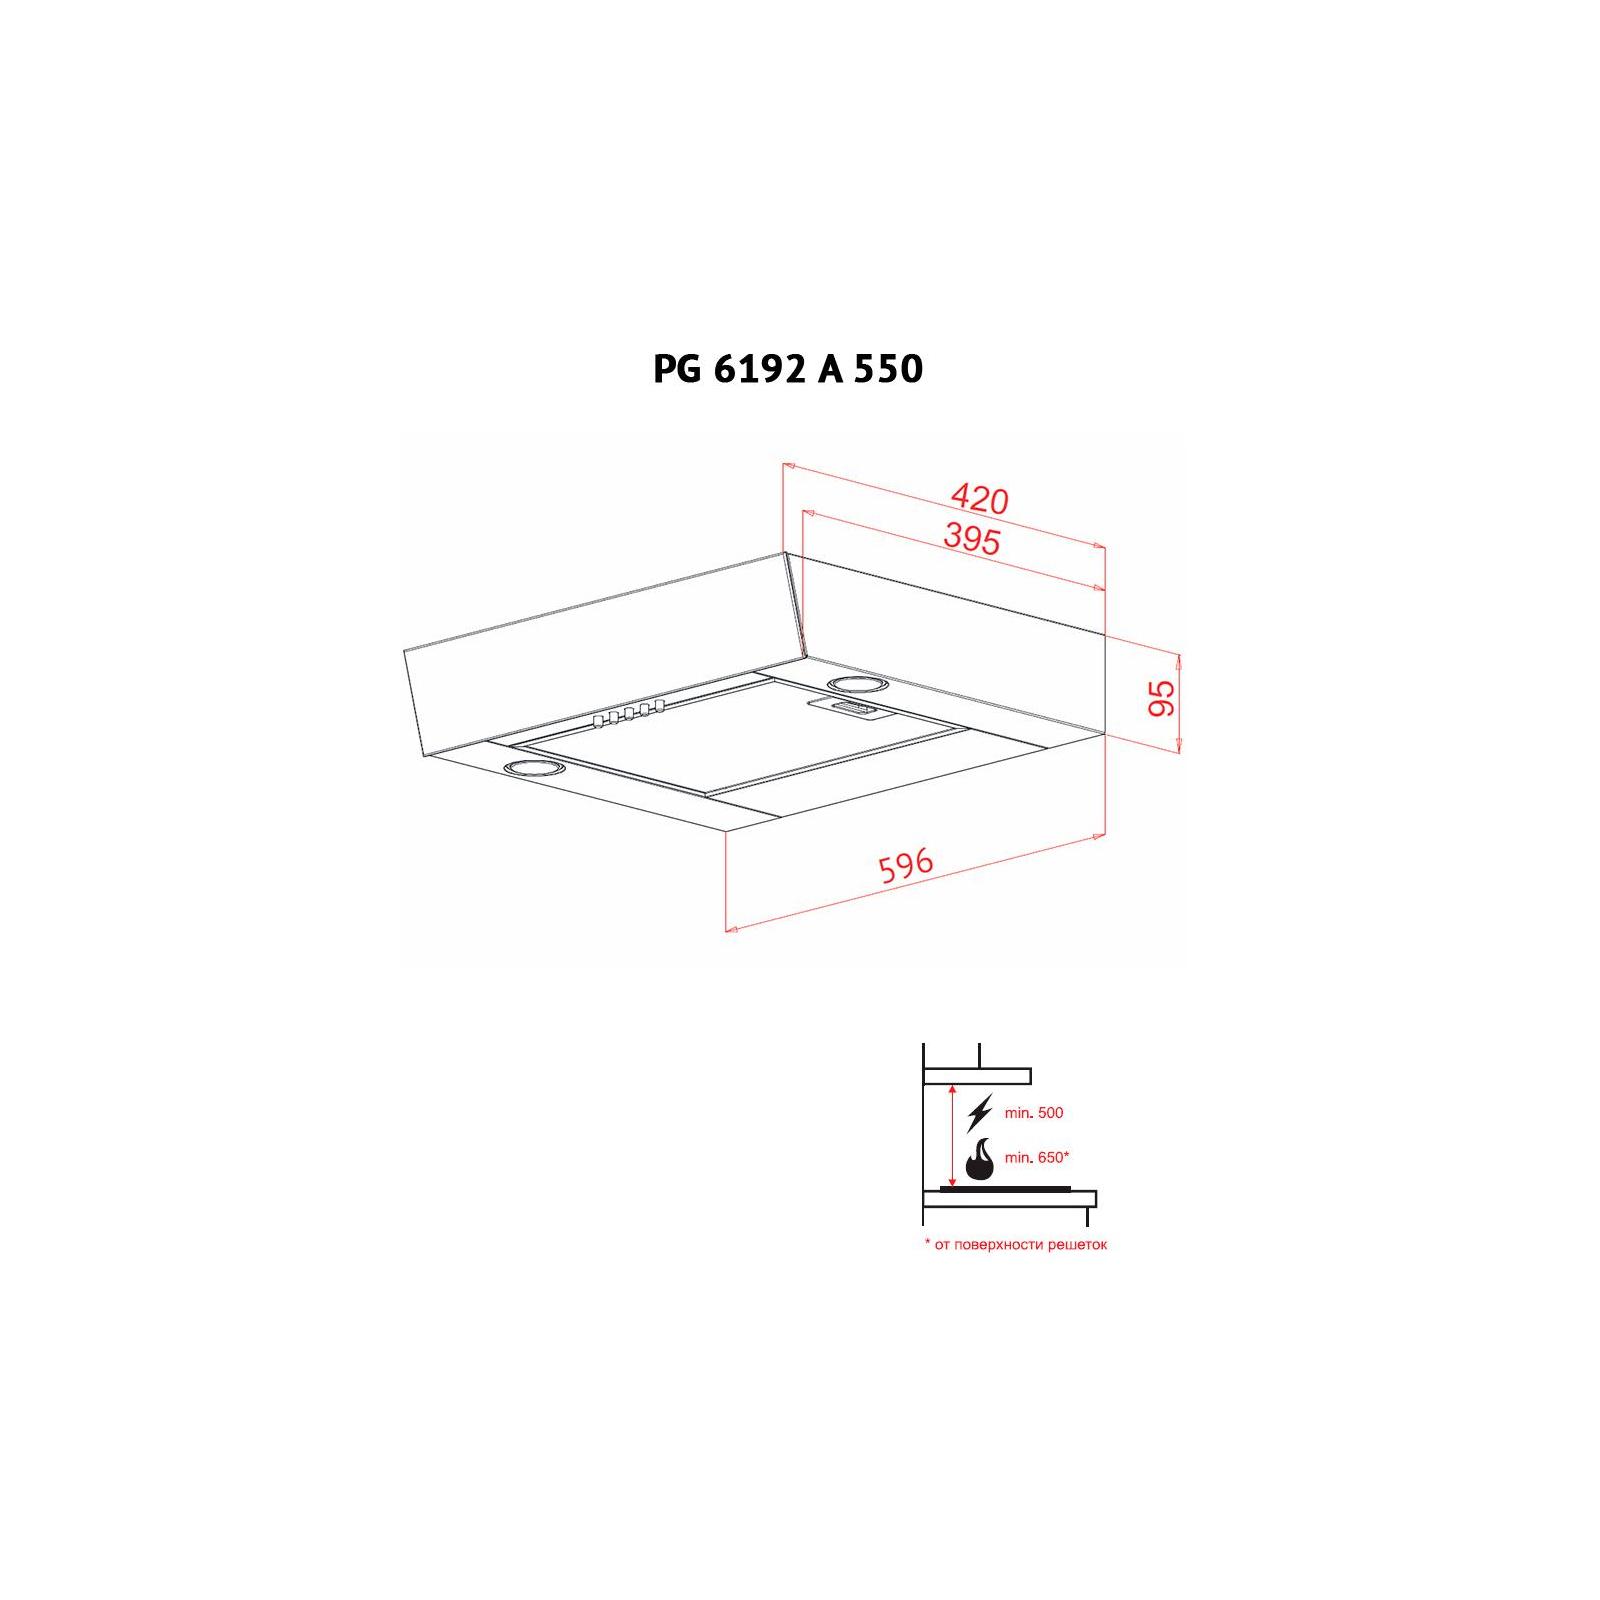 Вытяжка кухонная PERFELLI PG 6192 A 550 BL LED GLASS изображение 7